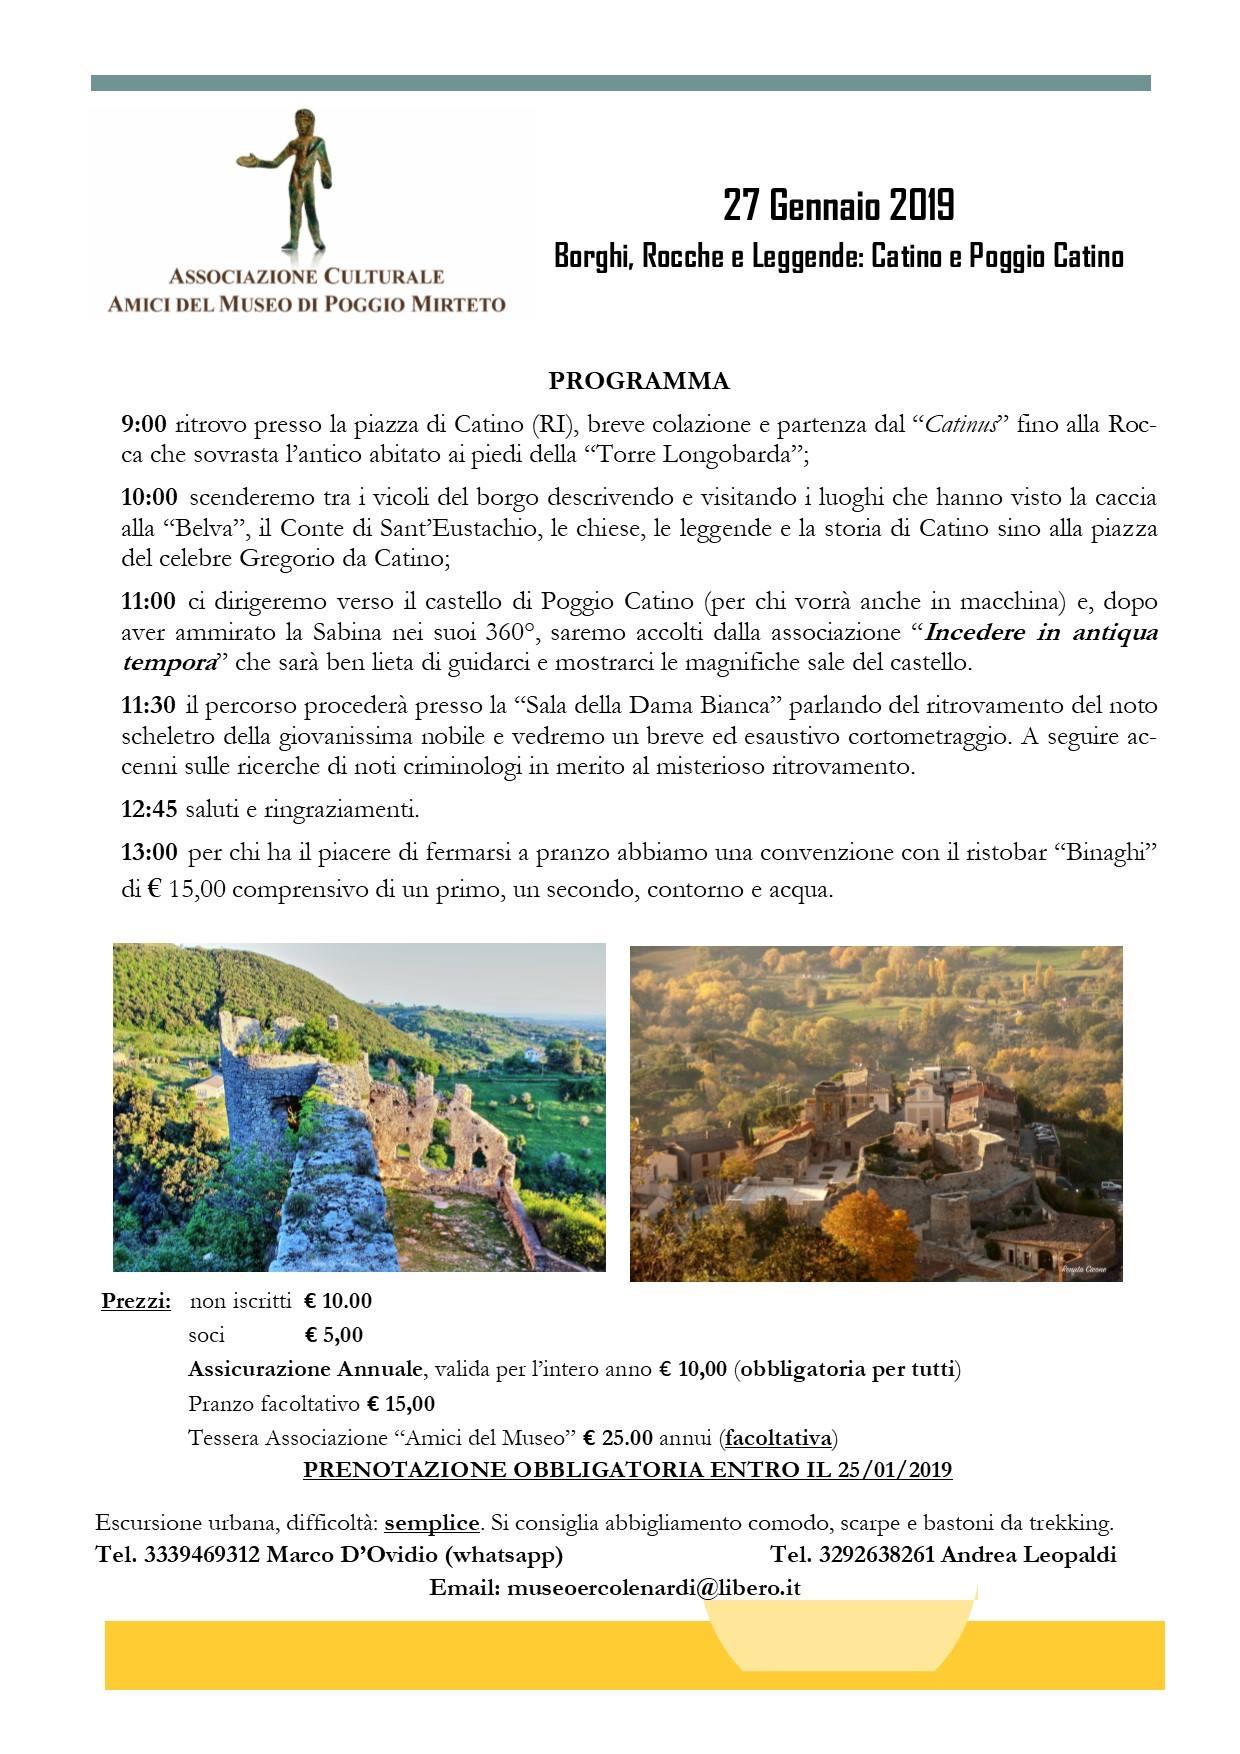 Borghi, Rocche e Leggende: Catino e Poggio Catino - eventi in sabina